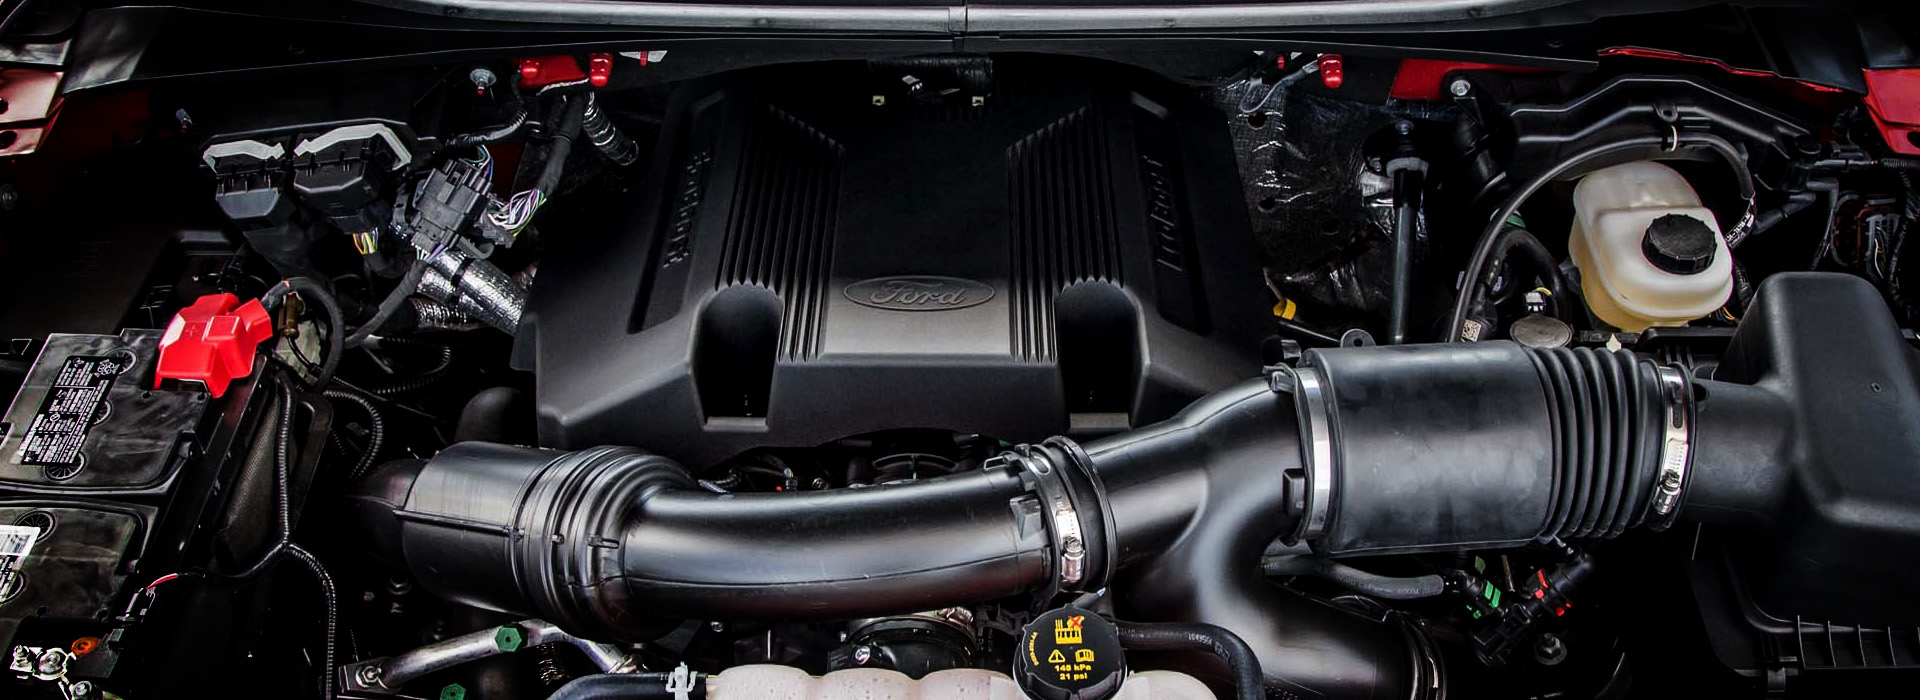 Ford F-150 verkstad motor ecoboost